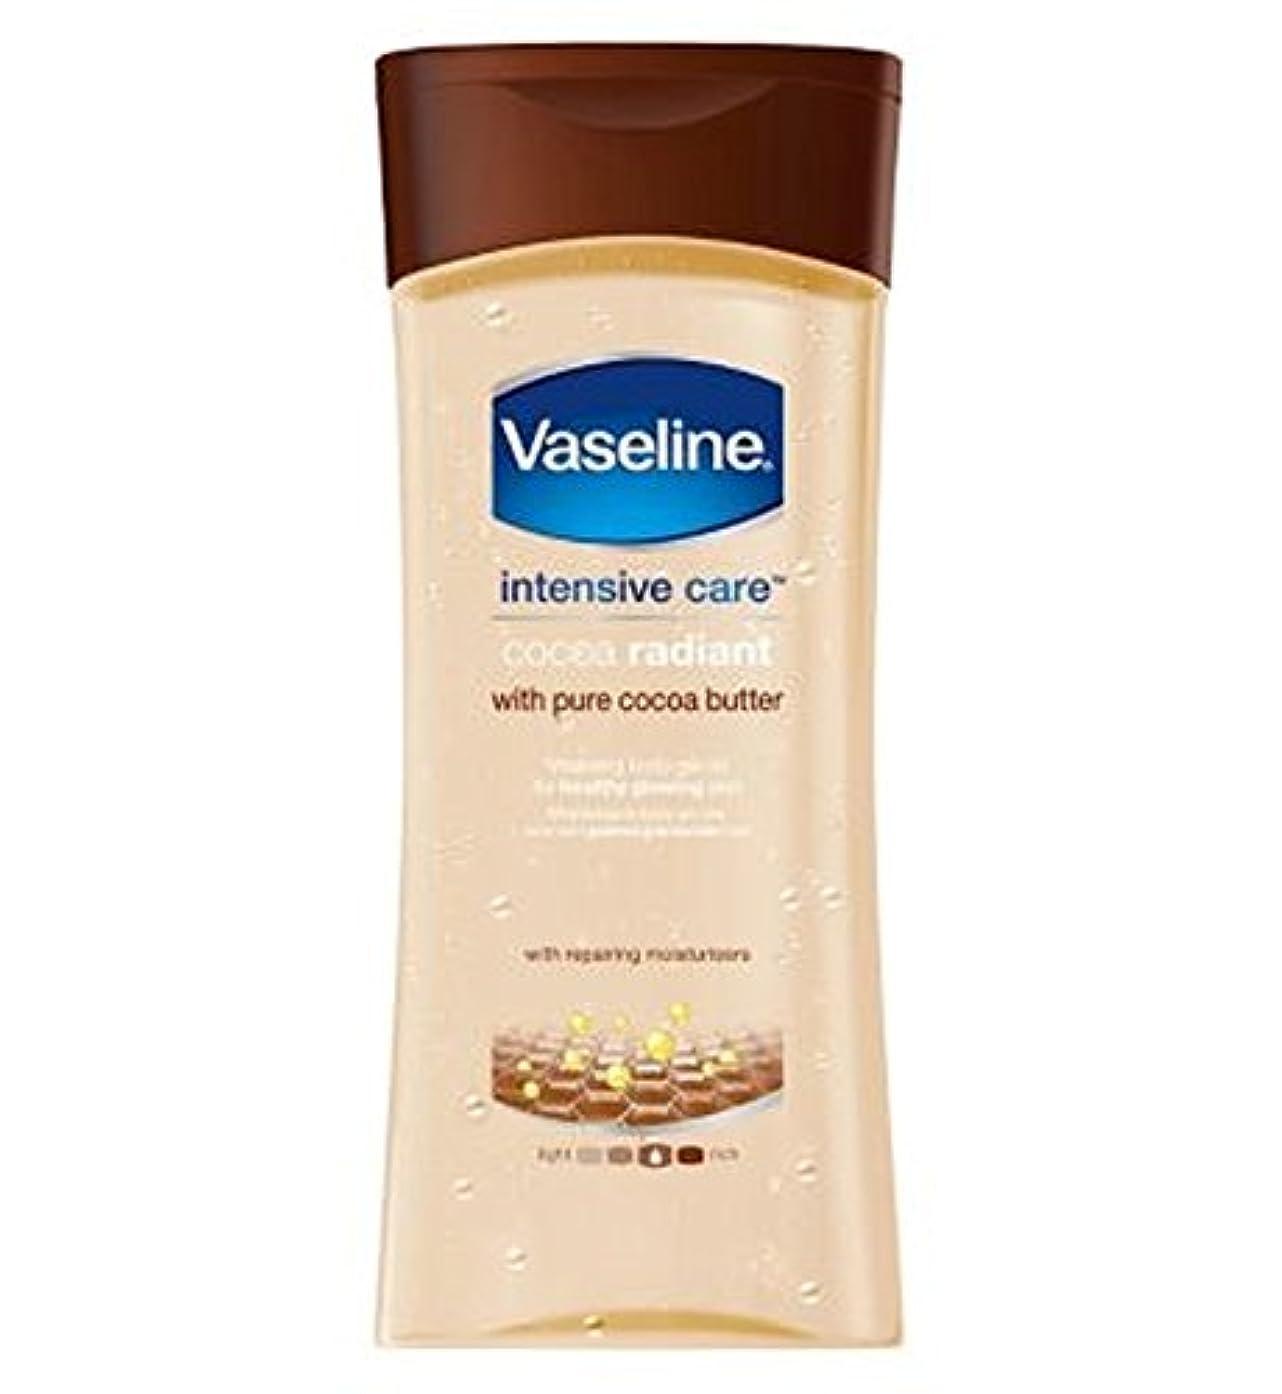 ジャーナリスト愚かな不適切なワセリン集中治療ココアゲルオイル200ミリリットル (Vaseline) (x2) - Vaseline Intensive Care Cocoa Gel Oil 200ml (Pack of 2) [並行輸入品]